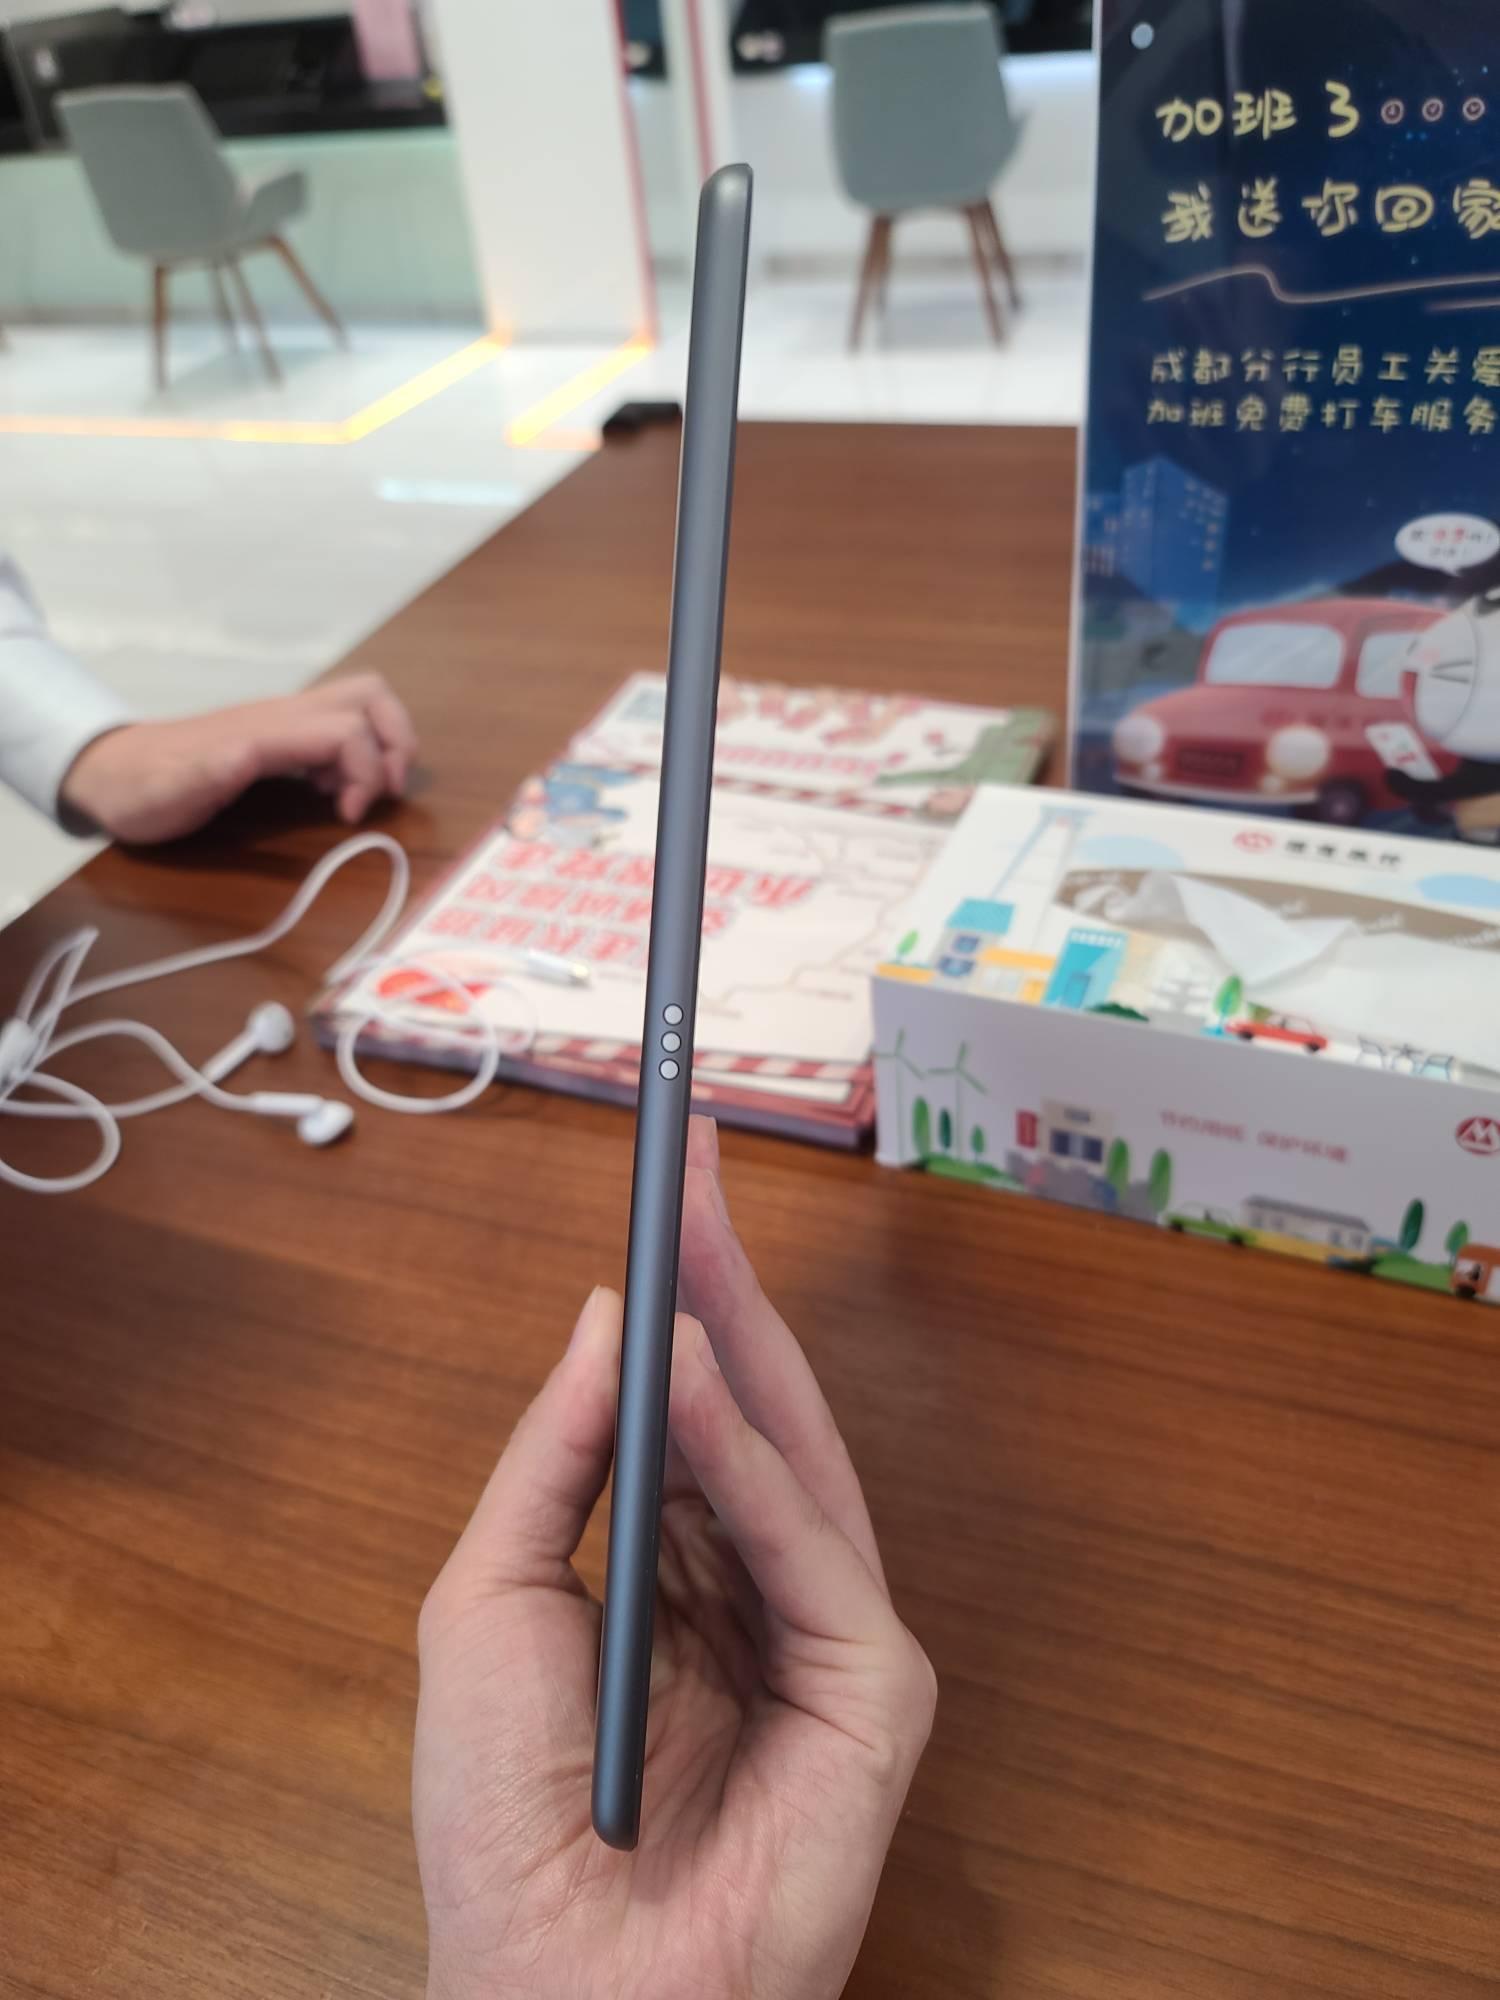 苹果【iPad8 10.2英寸 20款】WIFI版 深空灰 128G 国行 8成新 真机实拍